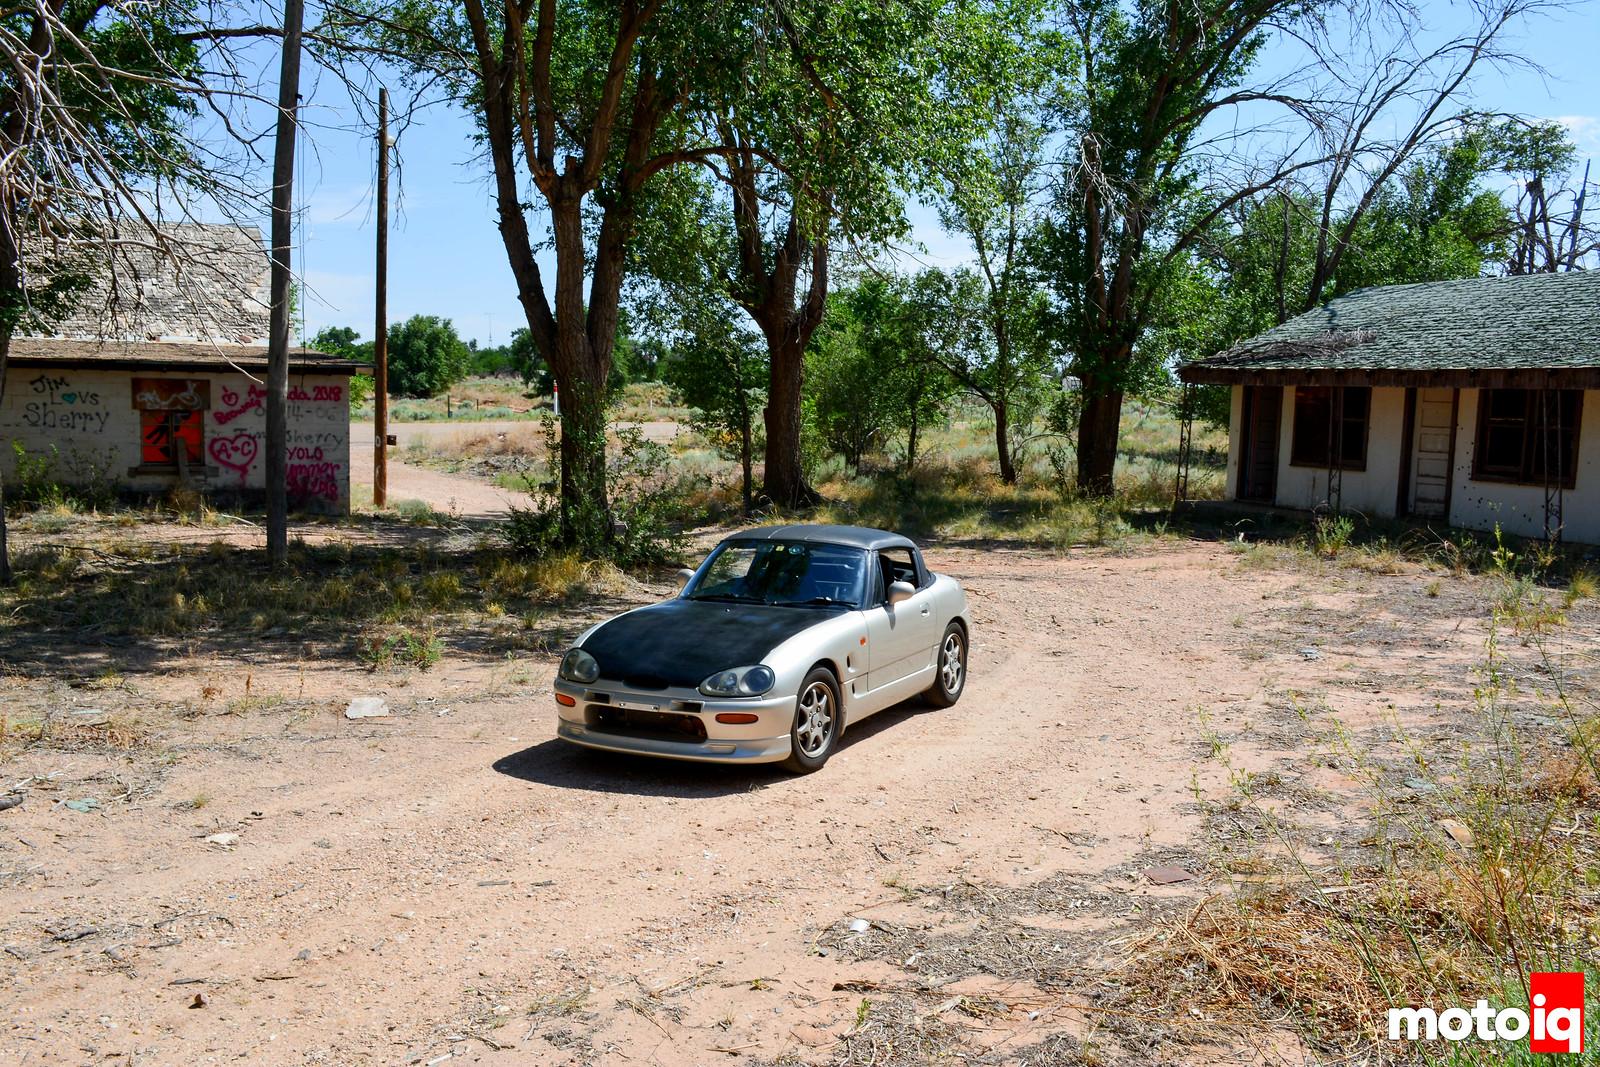 Abandoned Glenrio Motel